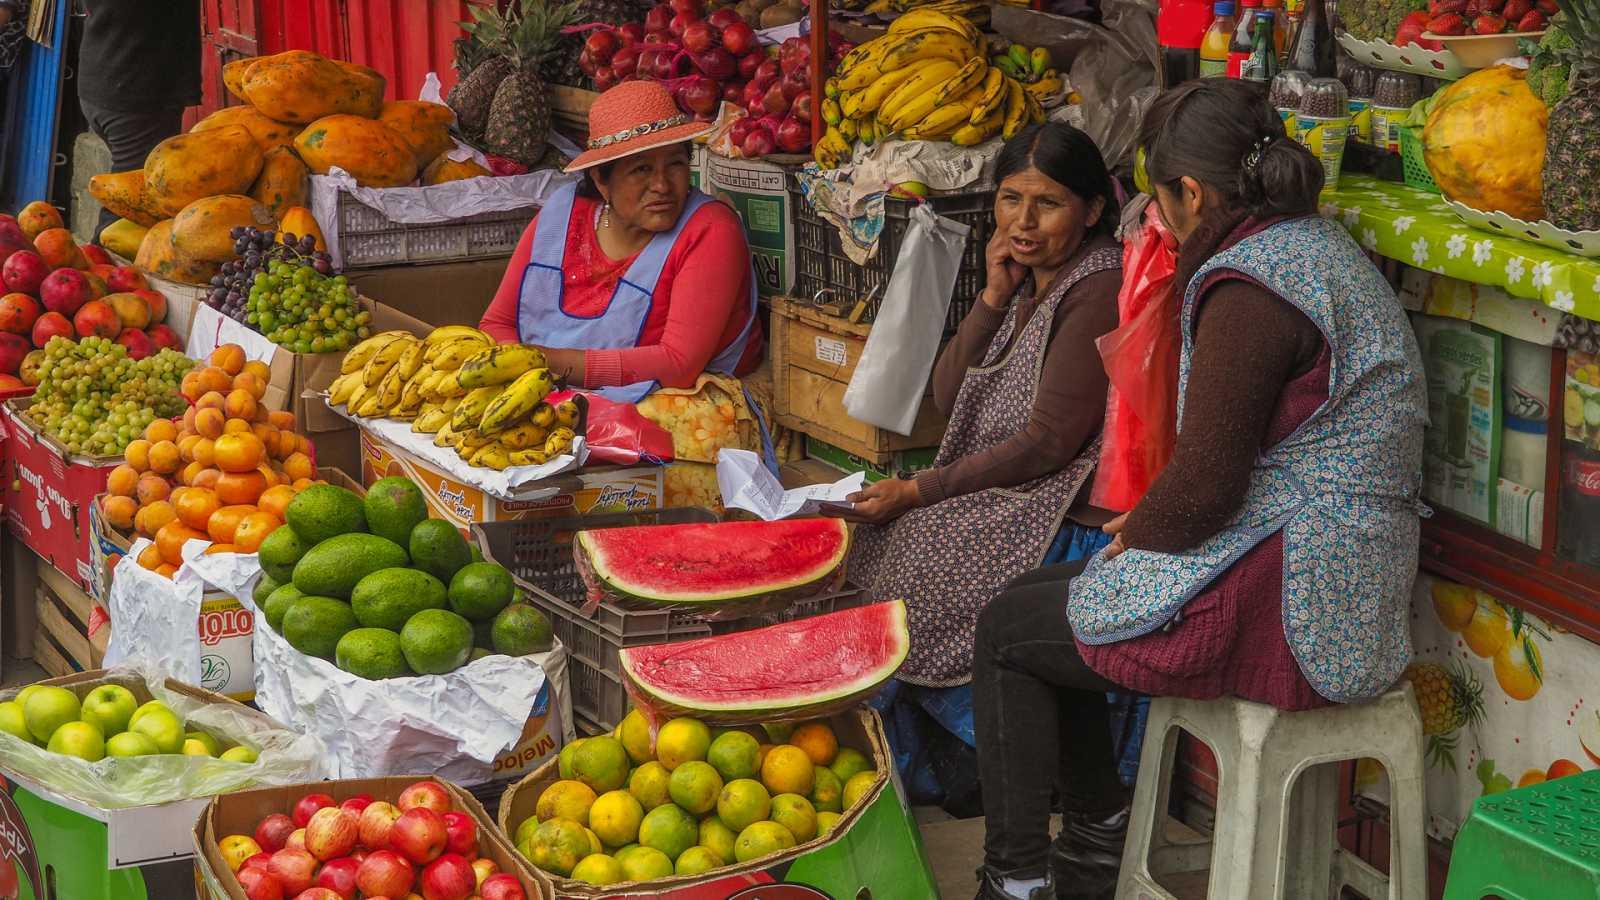 Sumando esfuerzos - Las mujeres en el ámbito rural de Bolivia y su fuerza transformadora - 06/03/20 - escuchar ahora